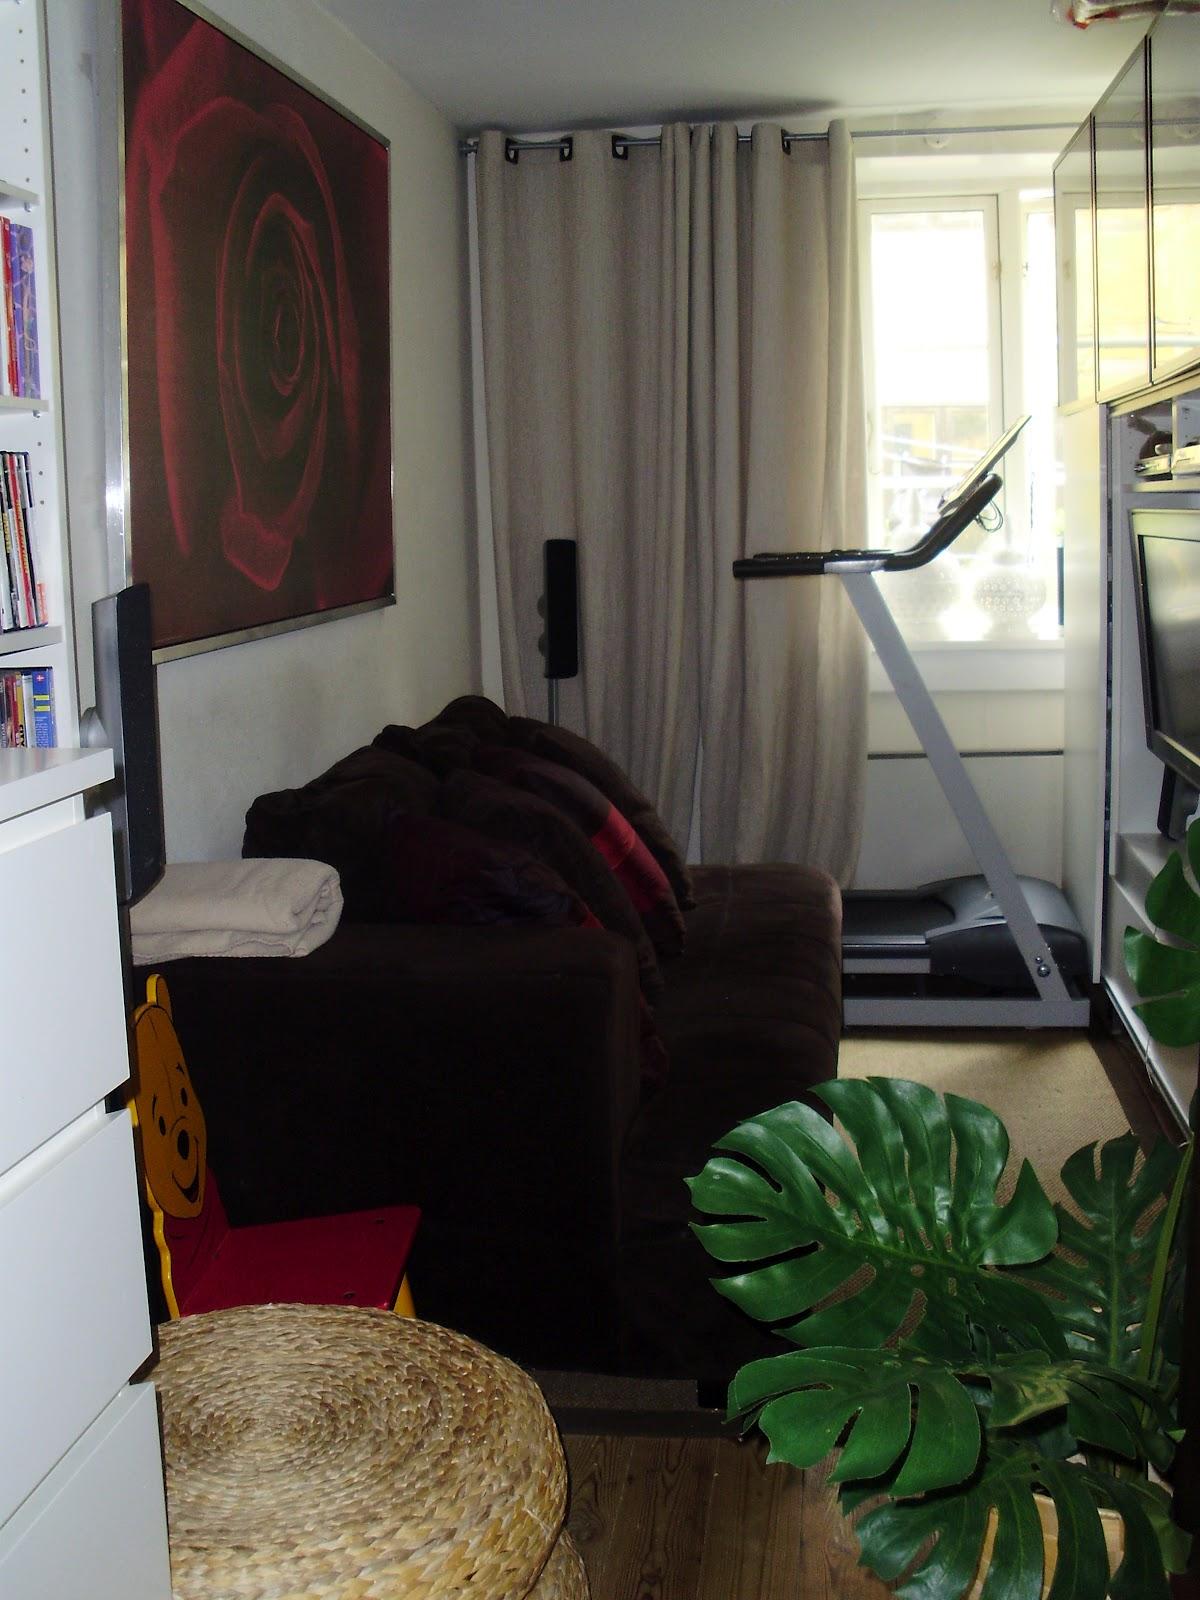 Bazaar med Brugte Ting: TV Room Møbler